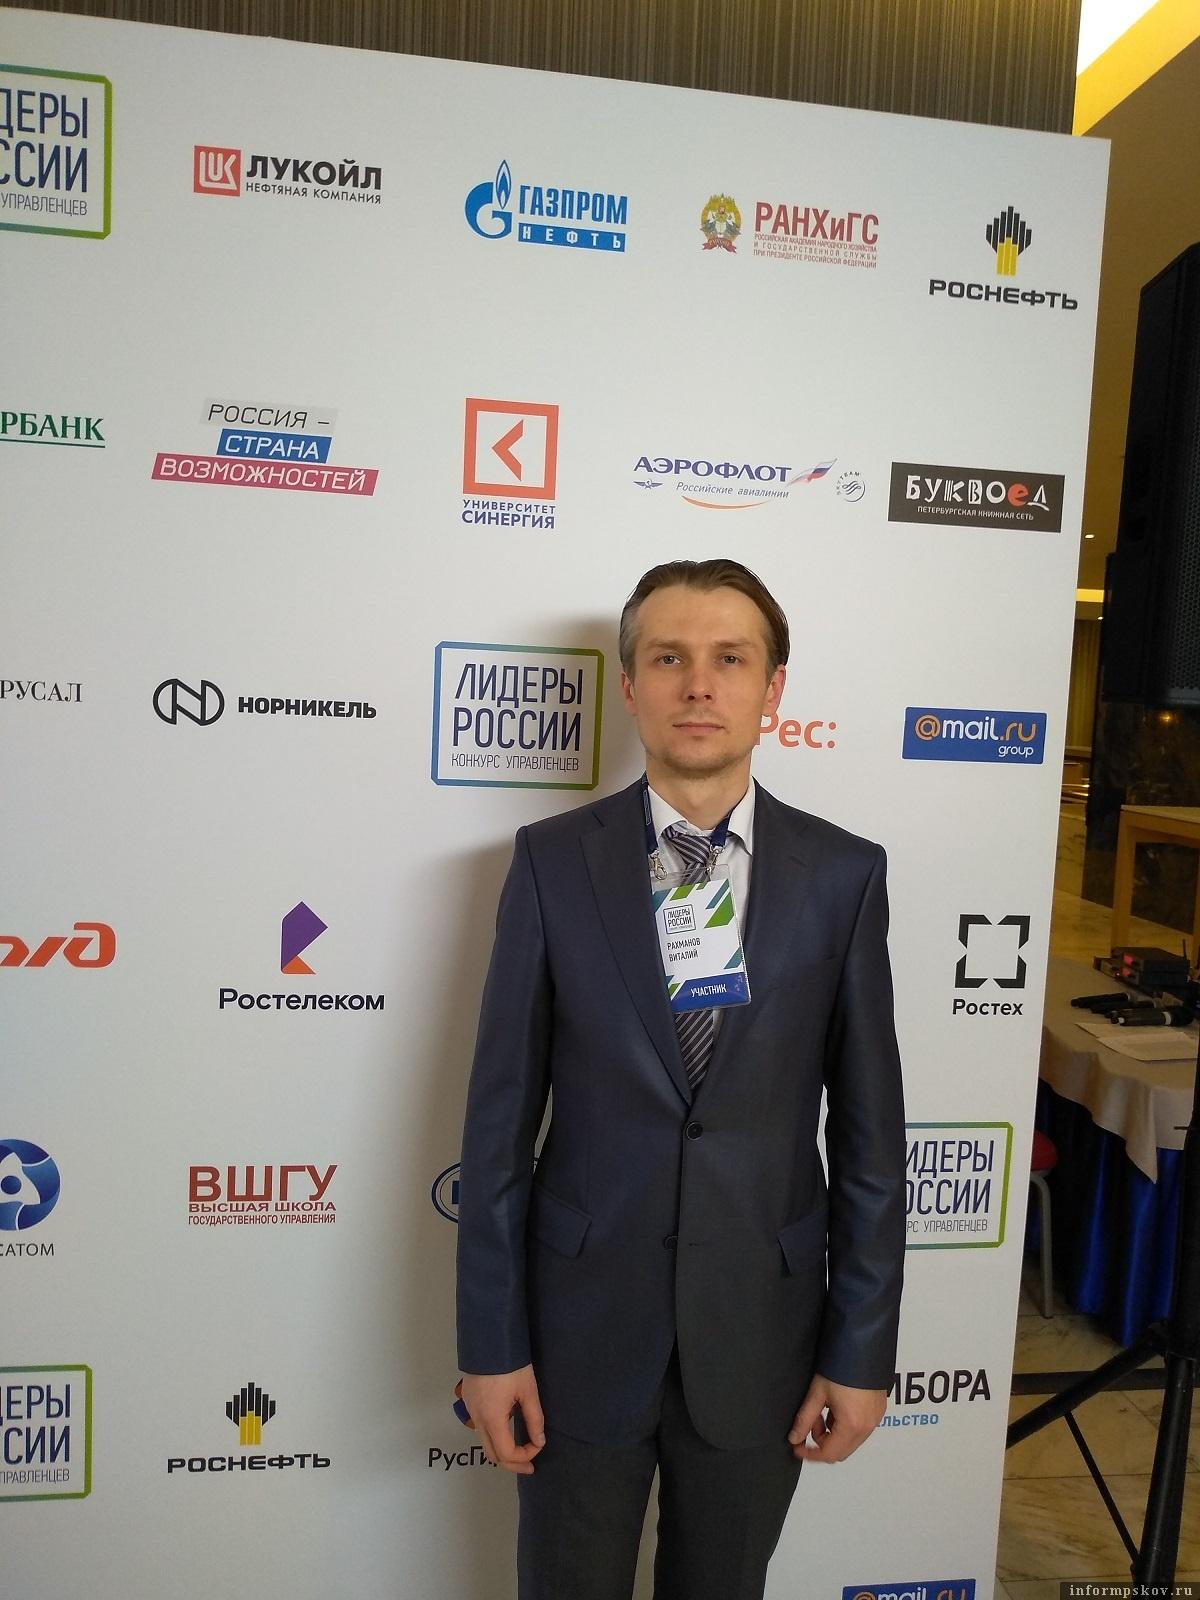 Виталий Рахманов